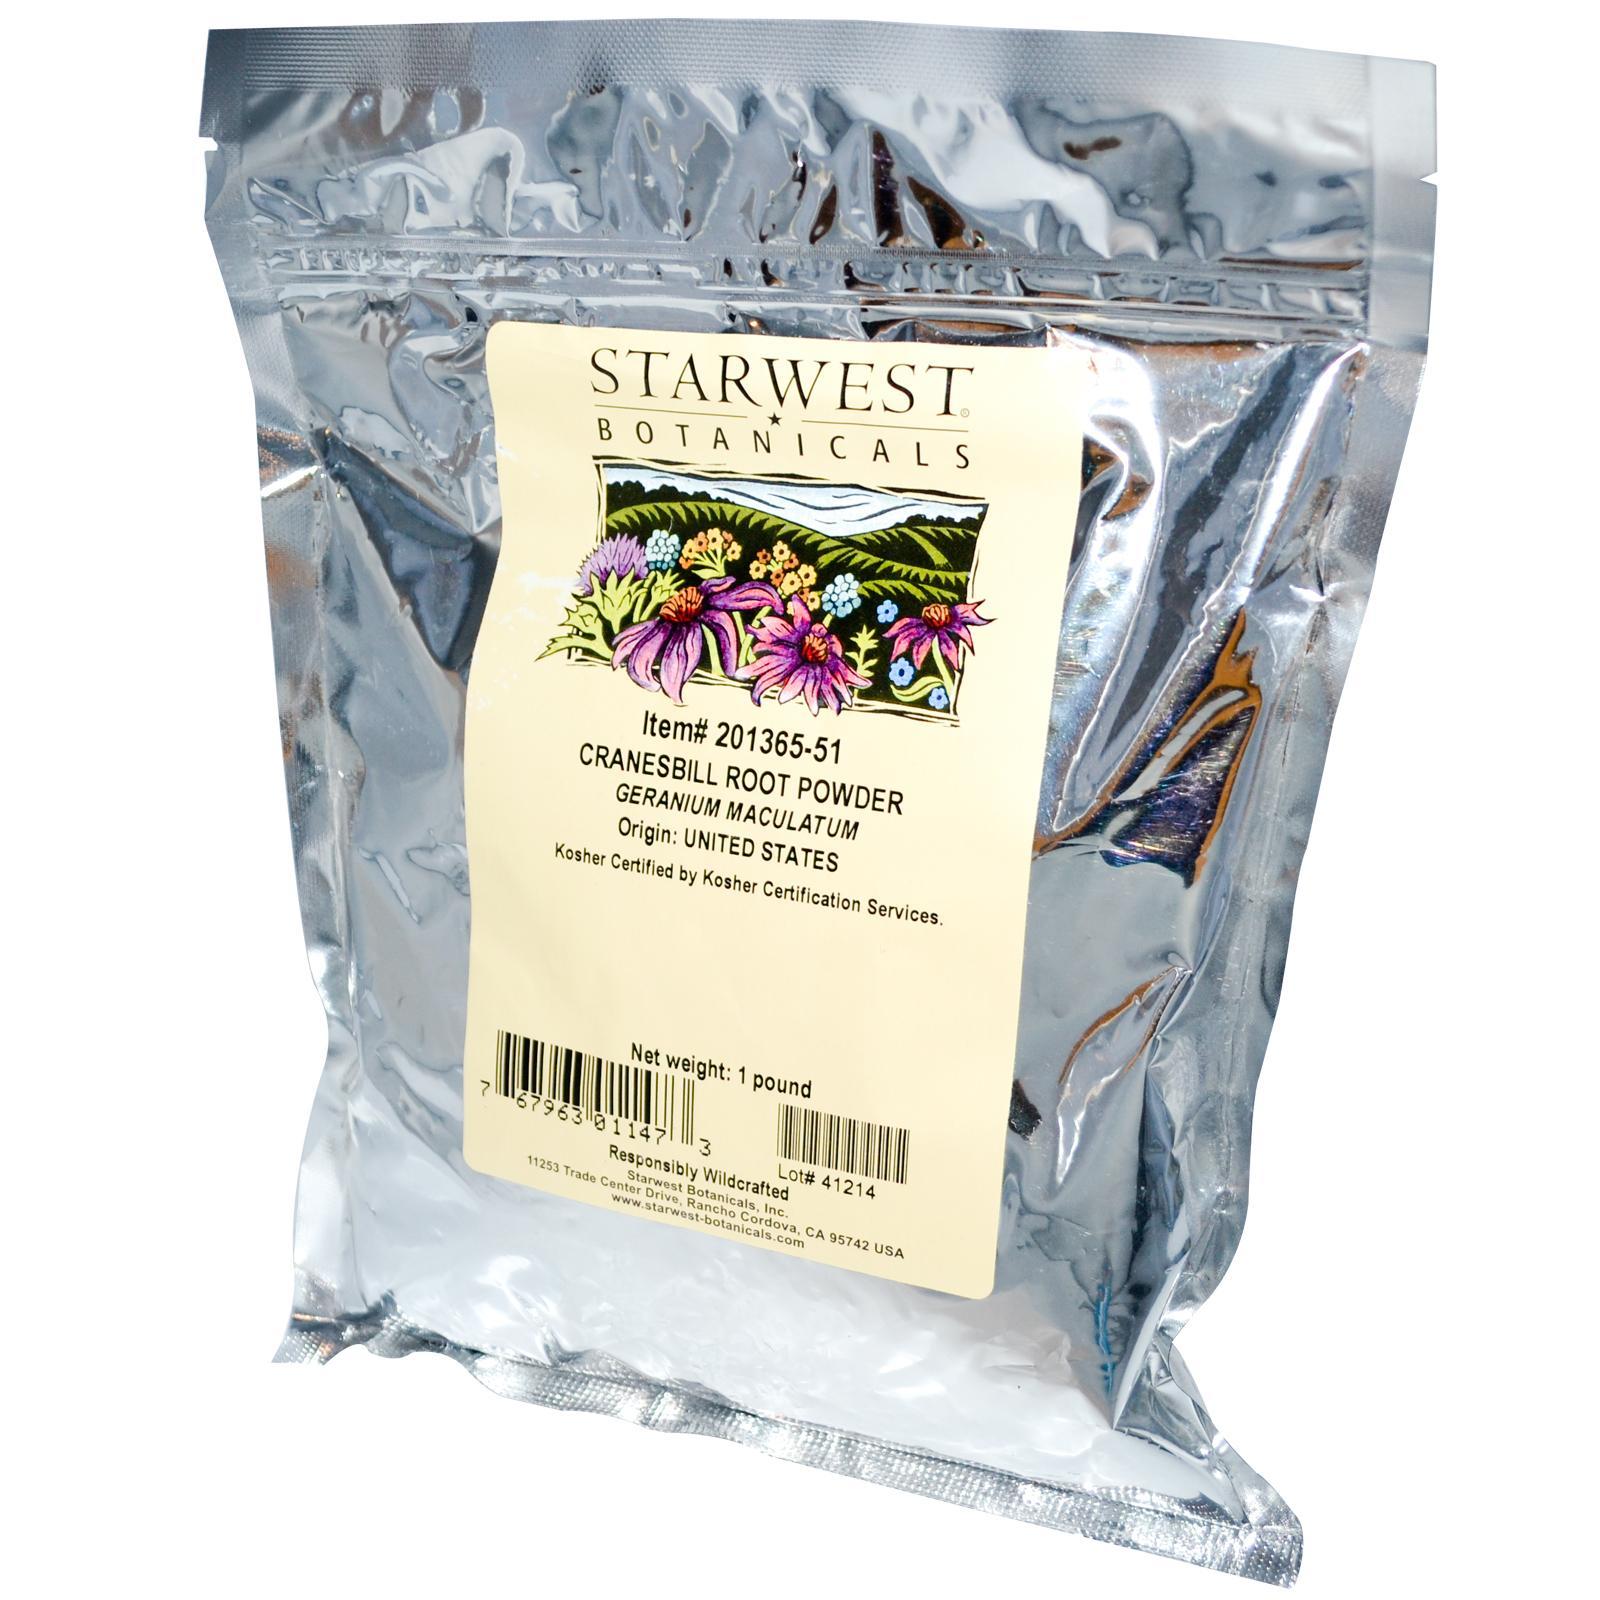 Starwest Botanicals: Cranesbill Root Powder, 1 lb